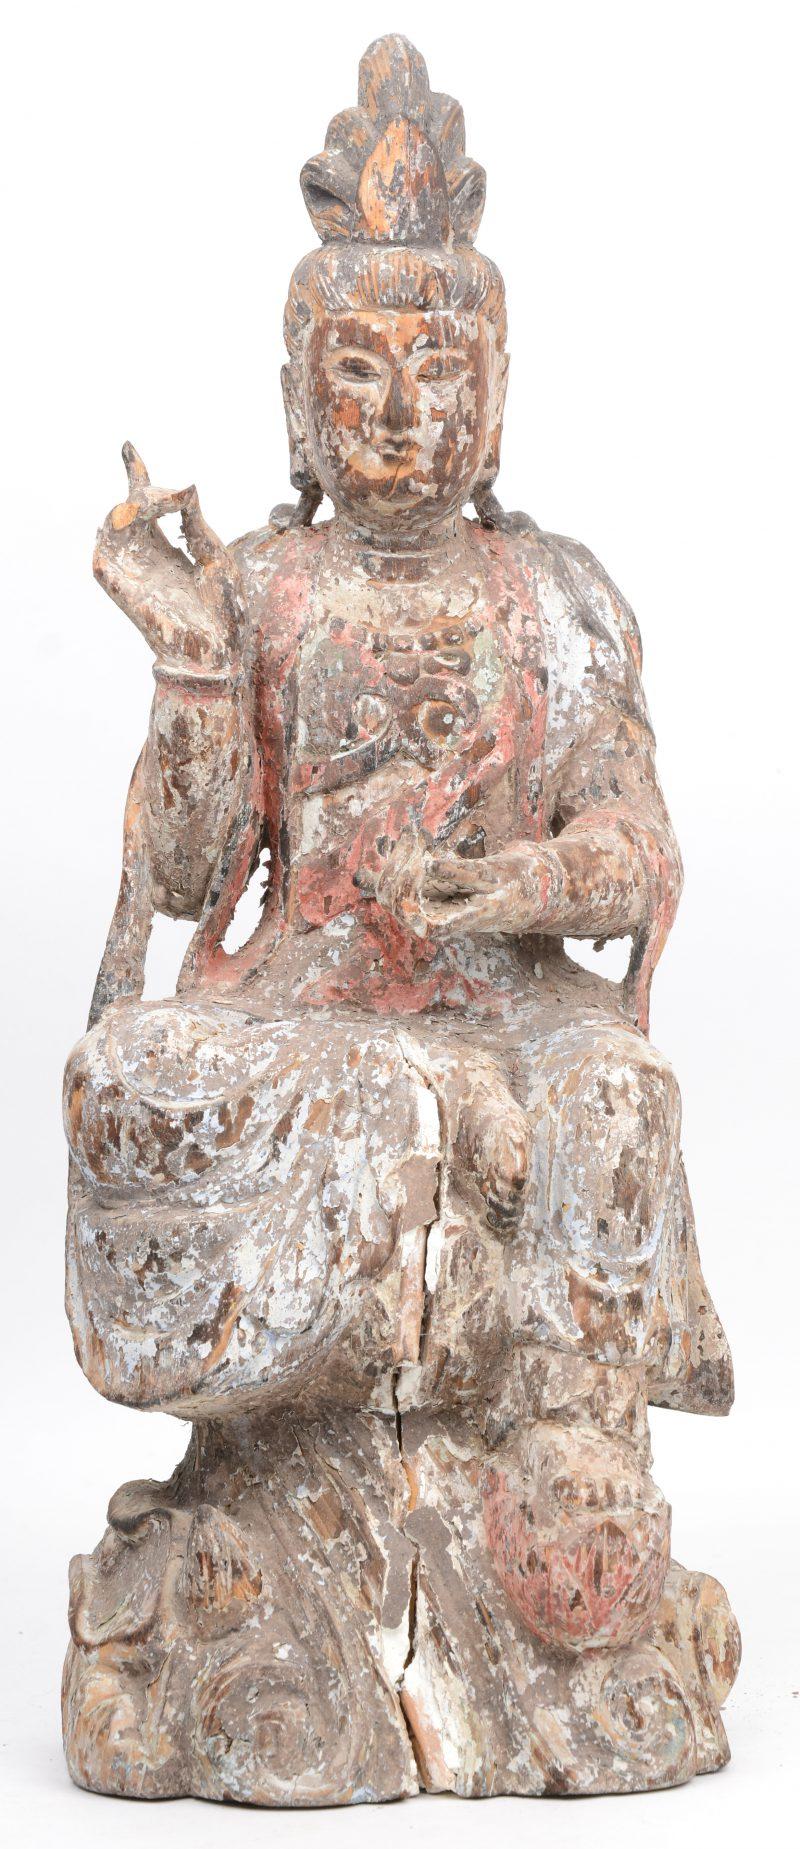 Een antiek houten Boeddhabeeld met sporen van polychromie en met opening in de rug. Op sokkel.